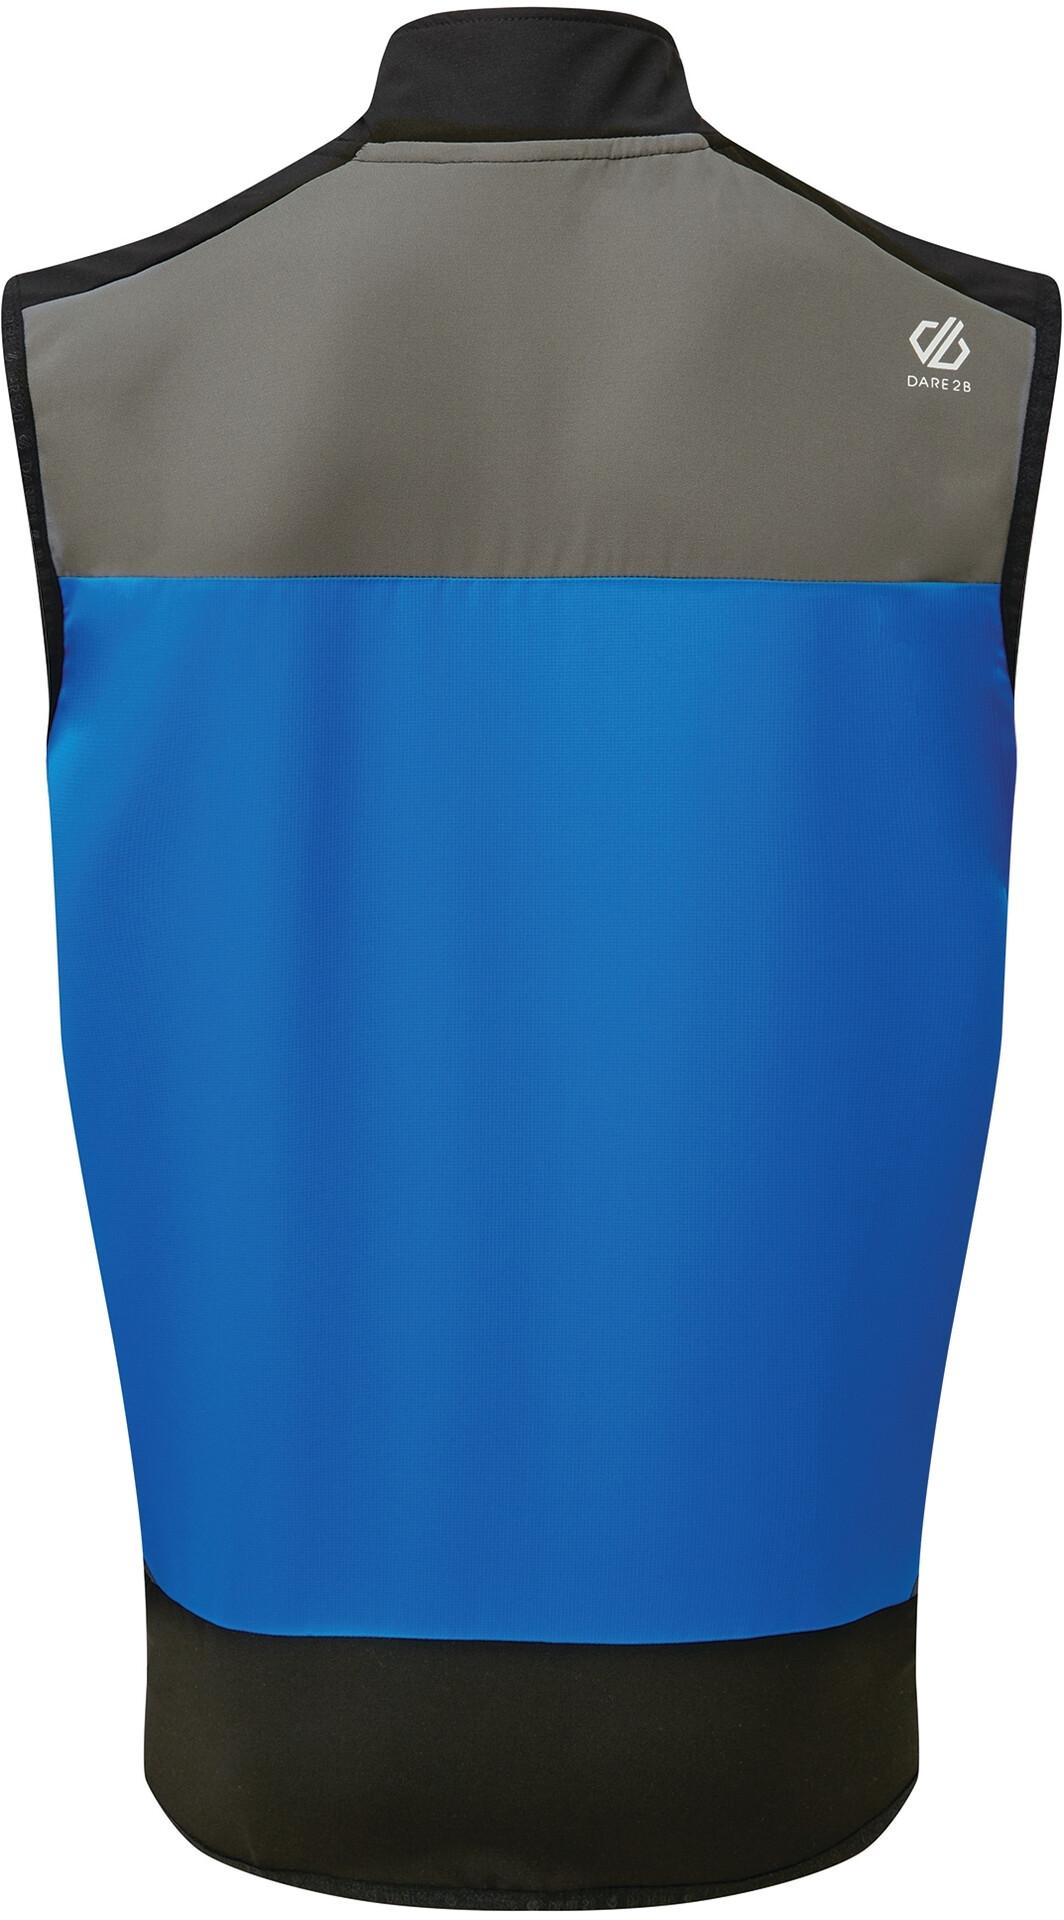 Dare 2b Aptile Gilet Uomo, athletic blue/aluminium grey/black su Addnature T6pHk